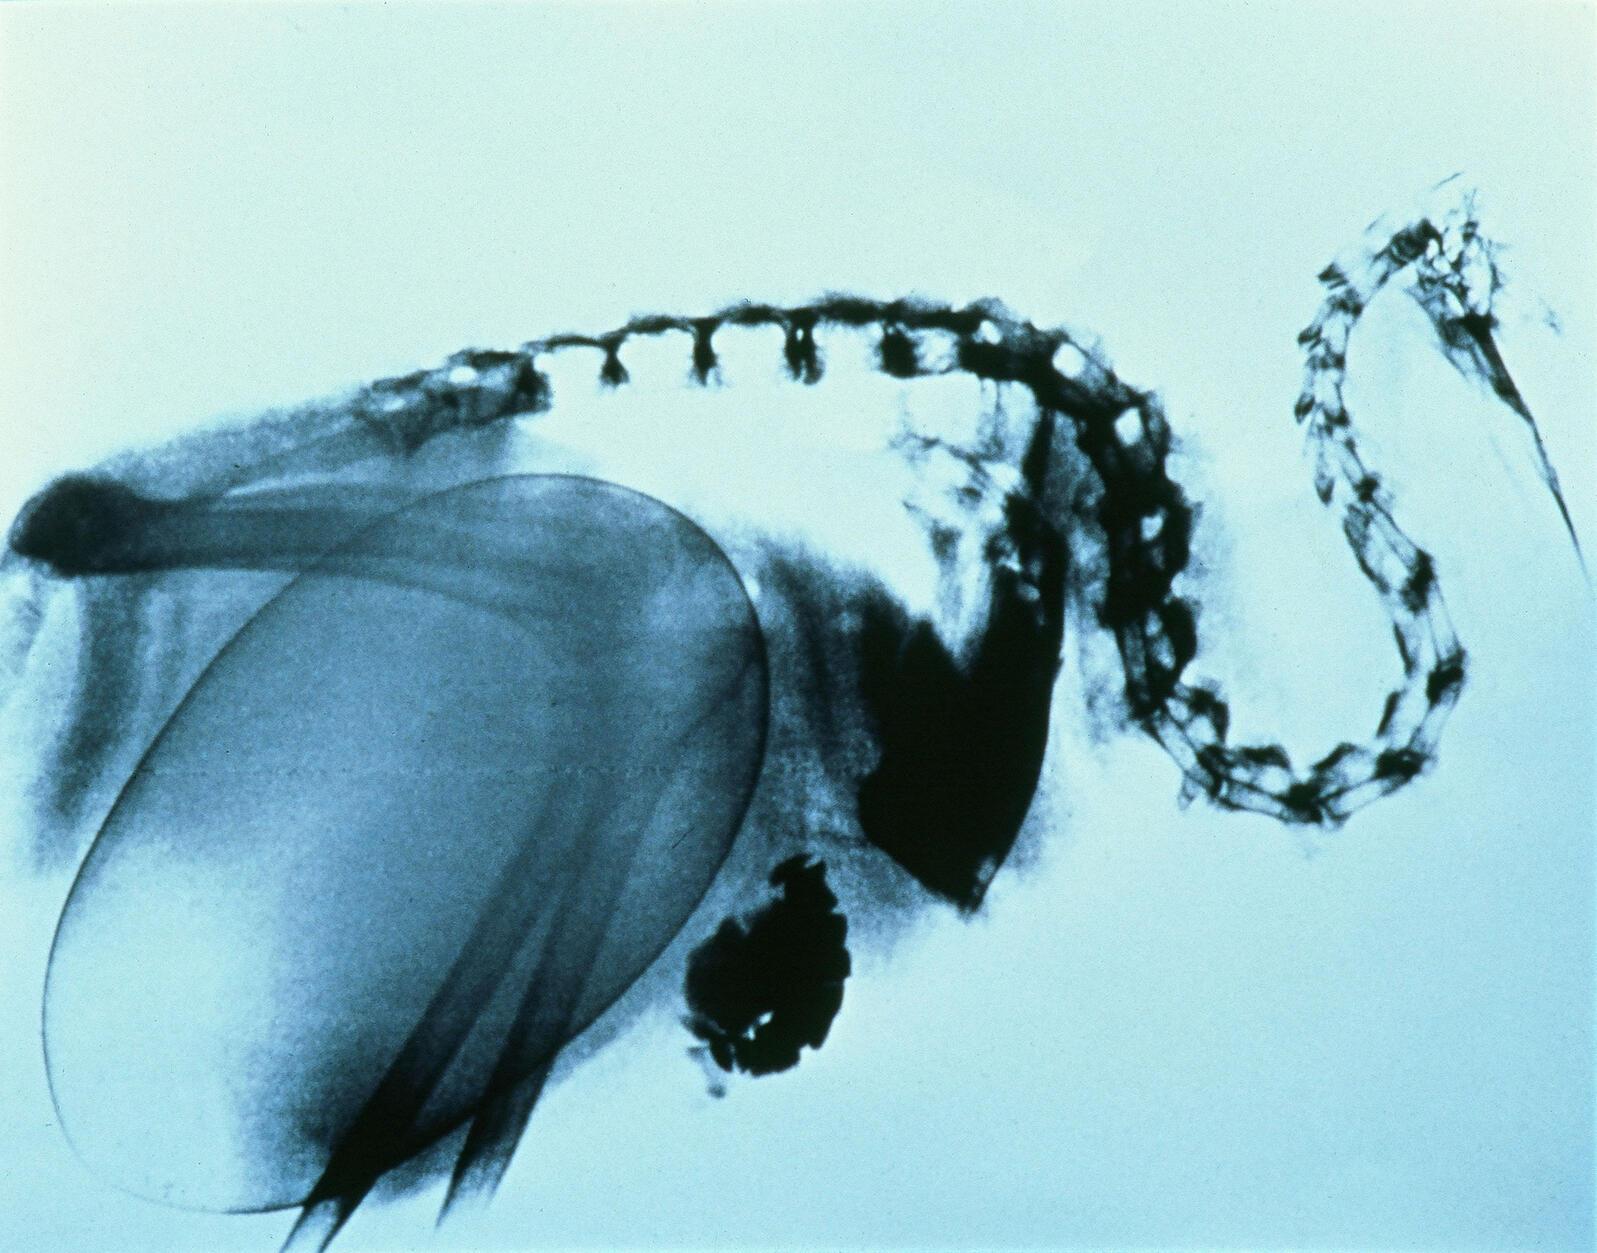 An X-ray of a female kiwi before she lays her egg. Otorohanga Kiwi House